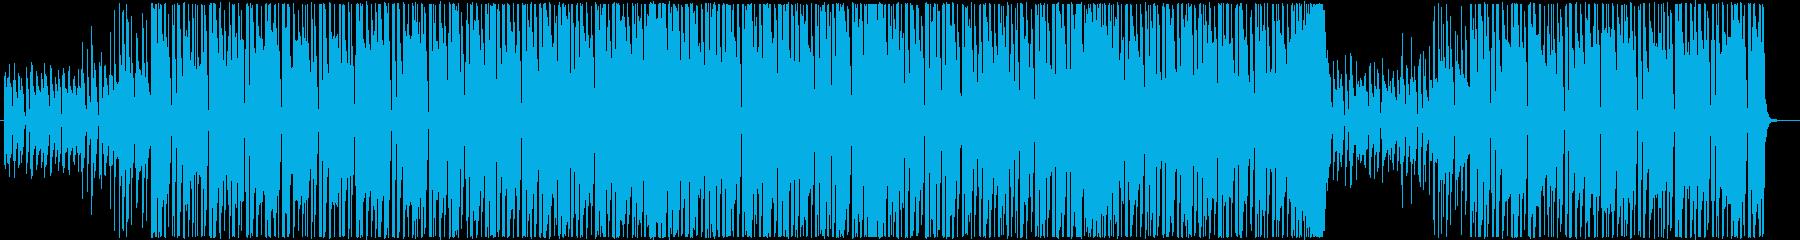 明るく派手なギターロック・ブルースの再生済みの波形